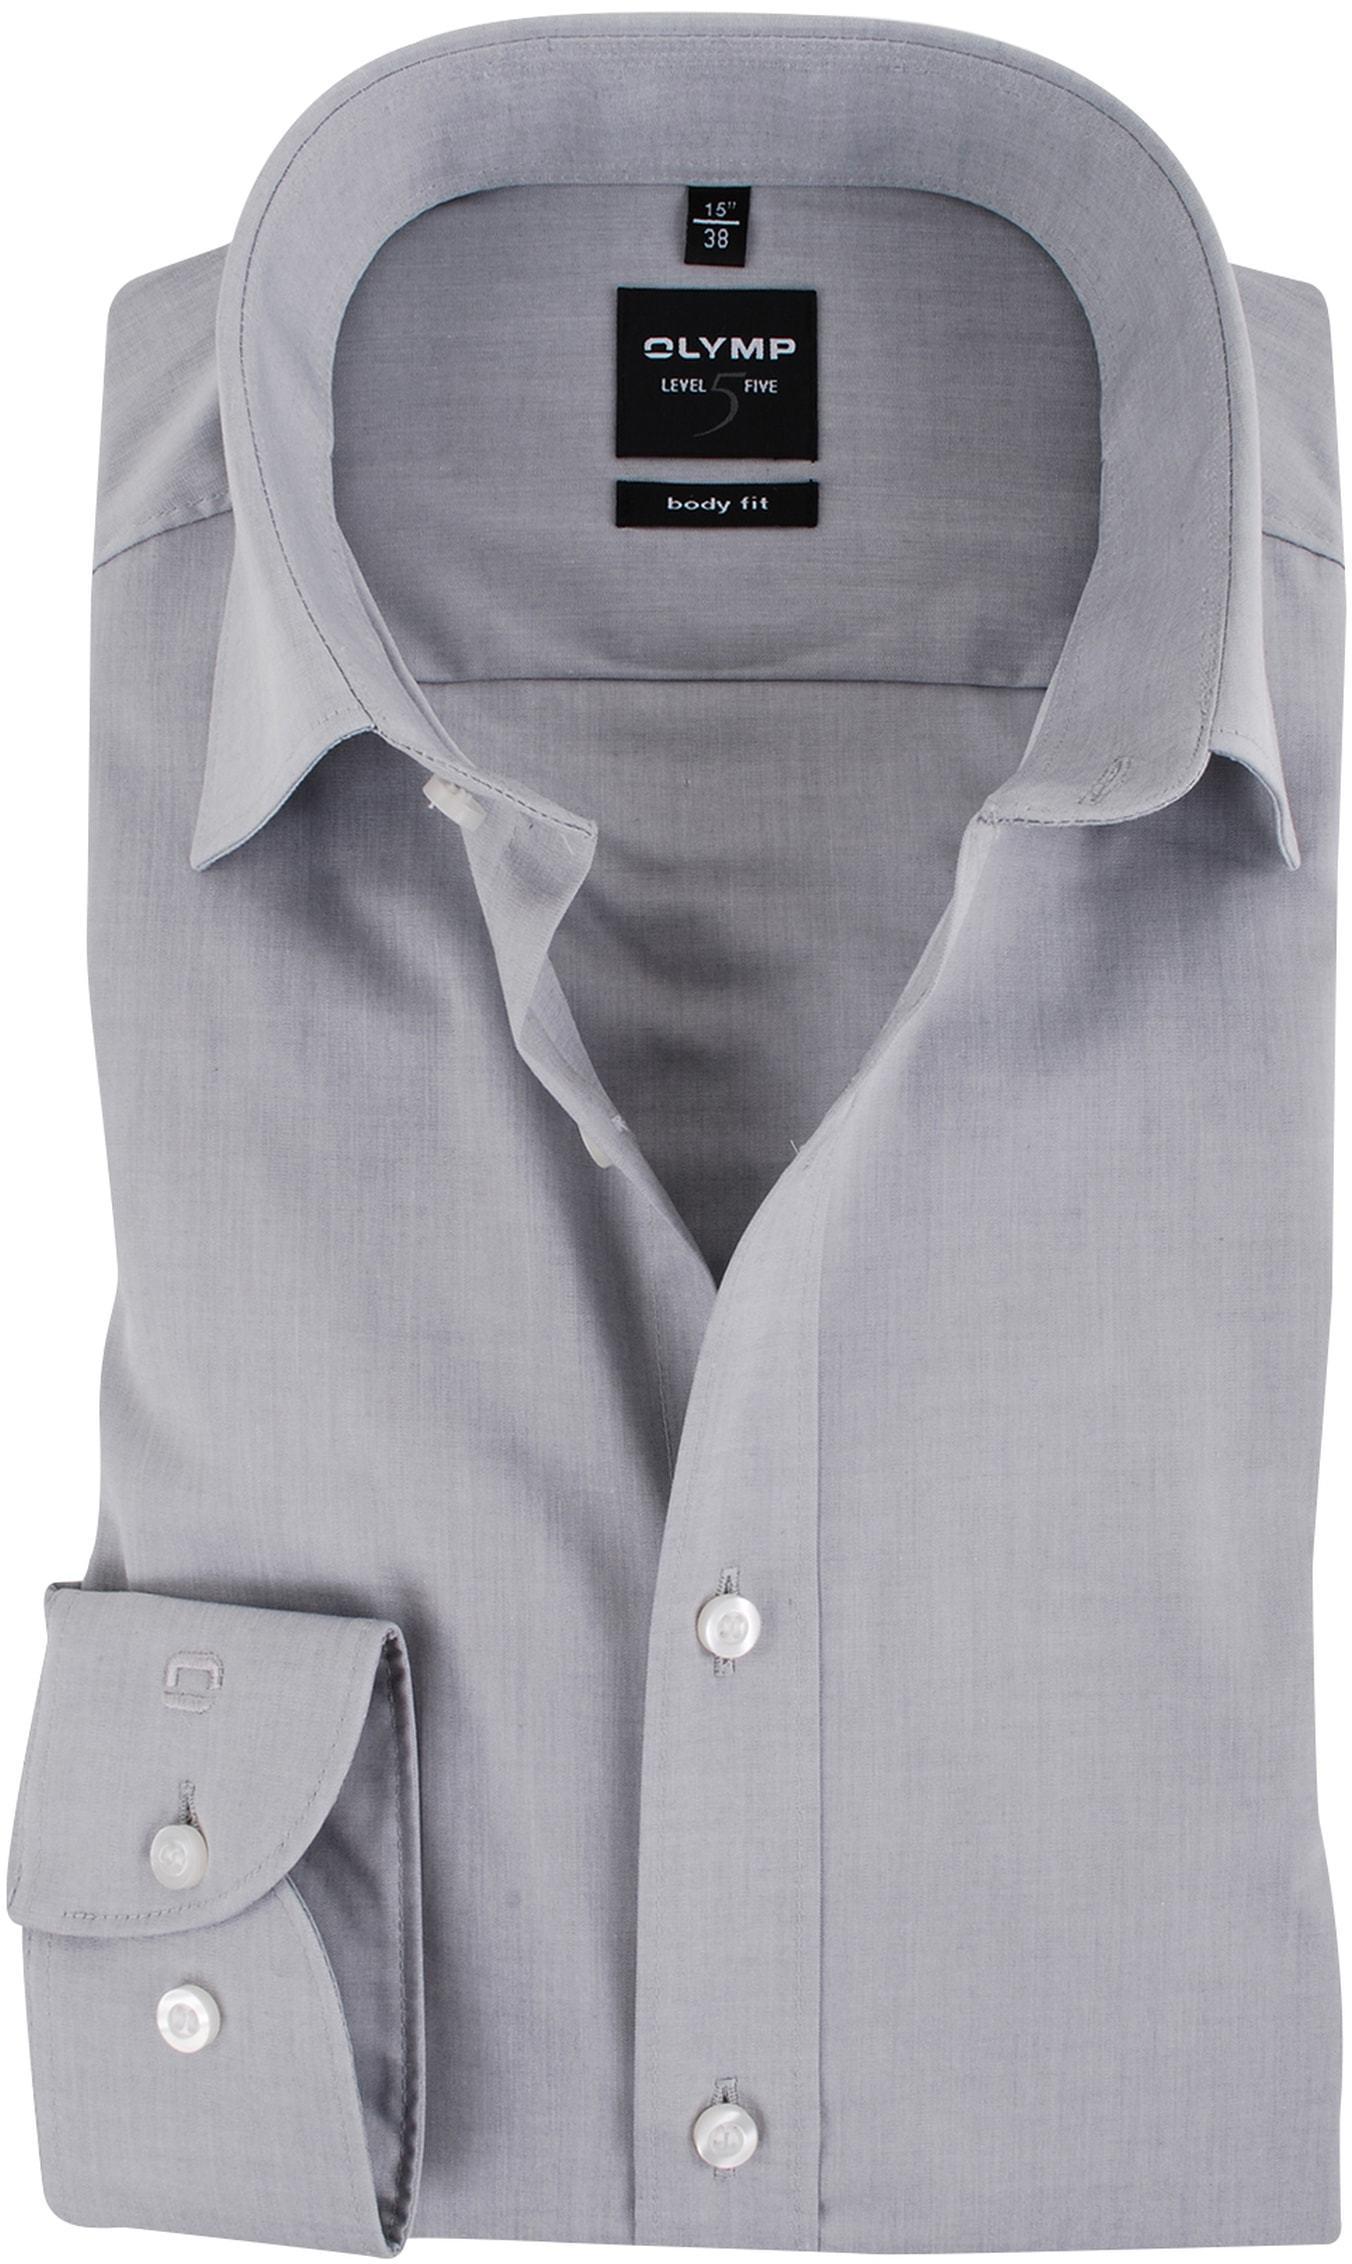 OLYMP Overhemd Body-Fit Grijs foto 0